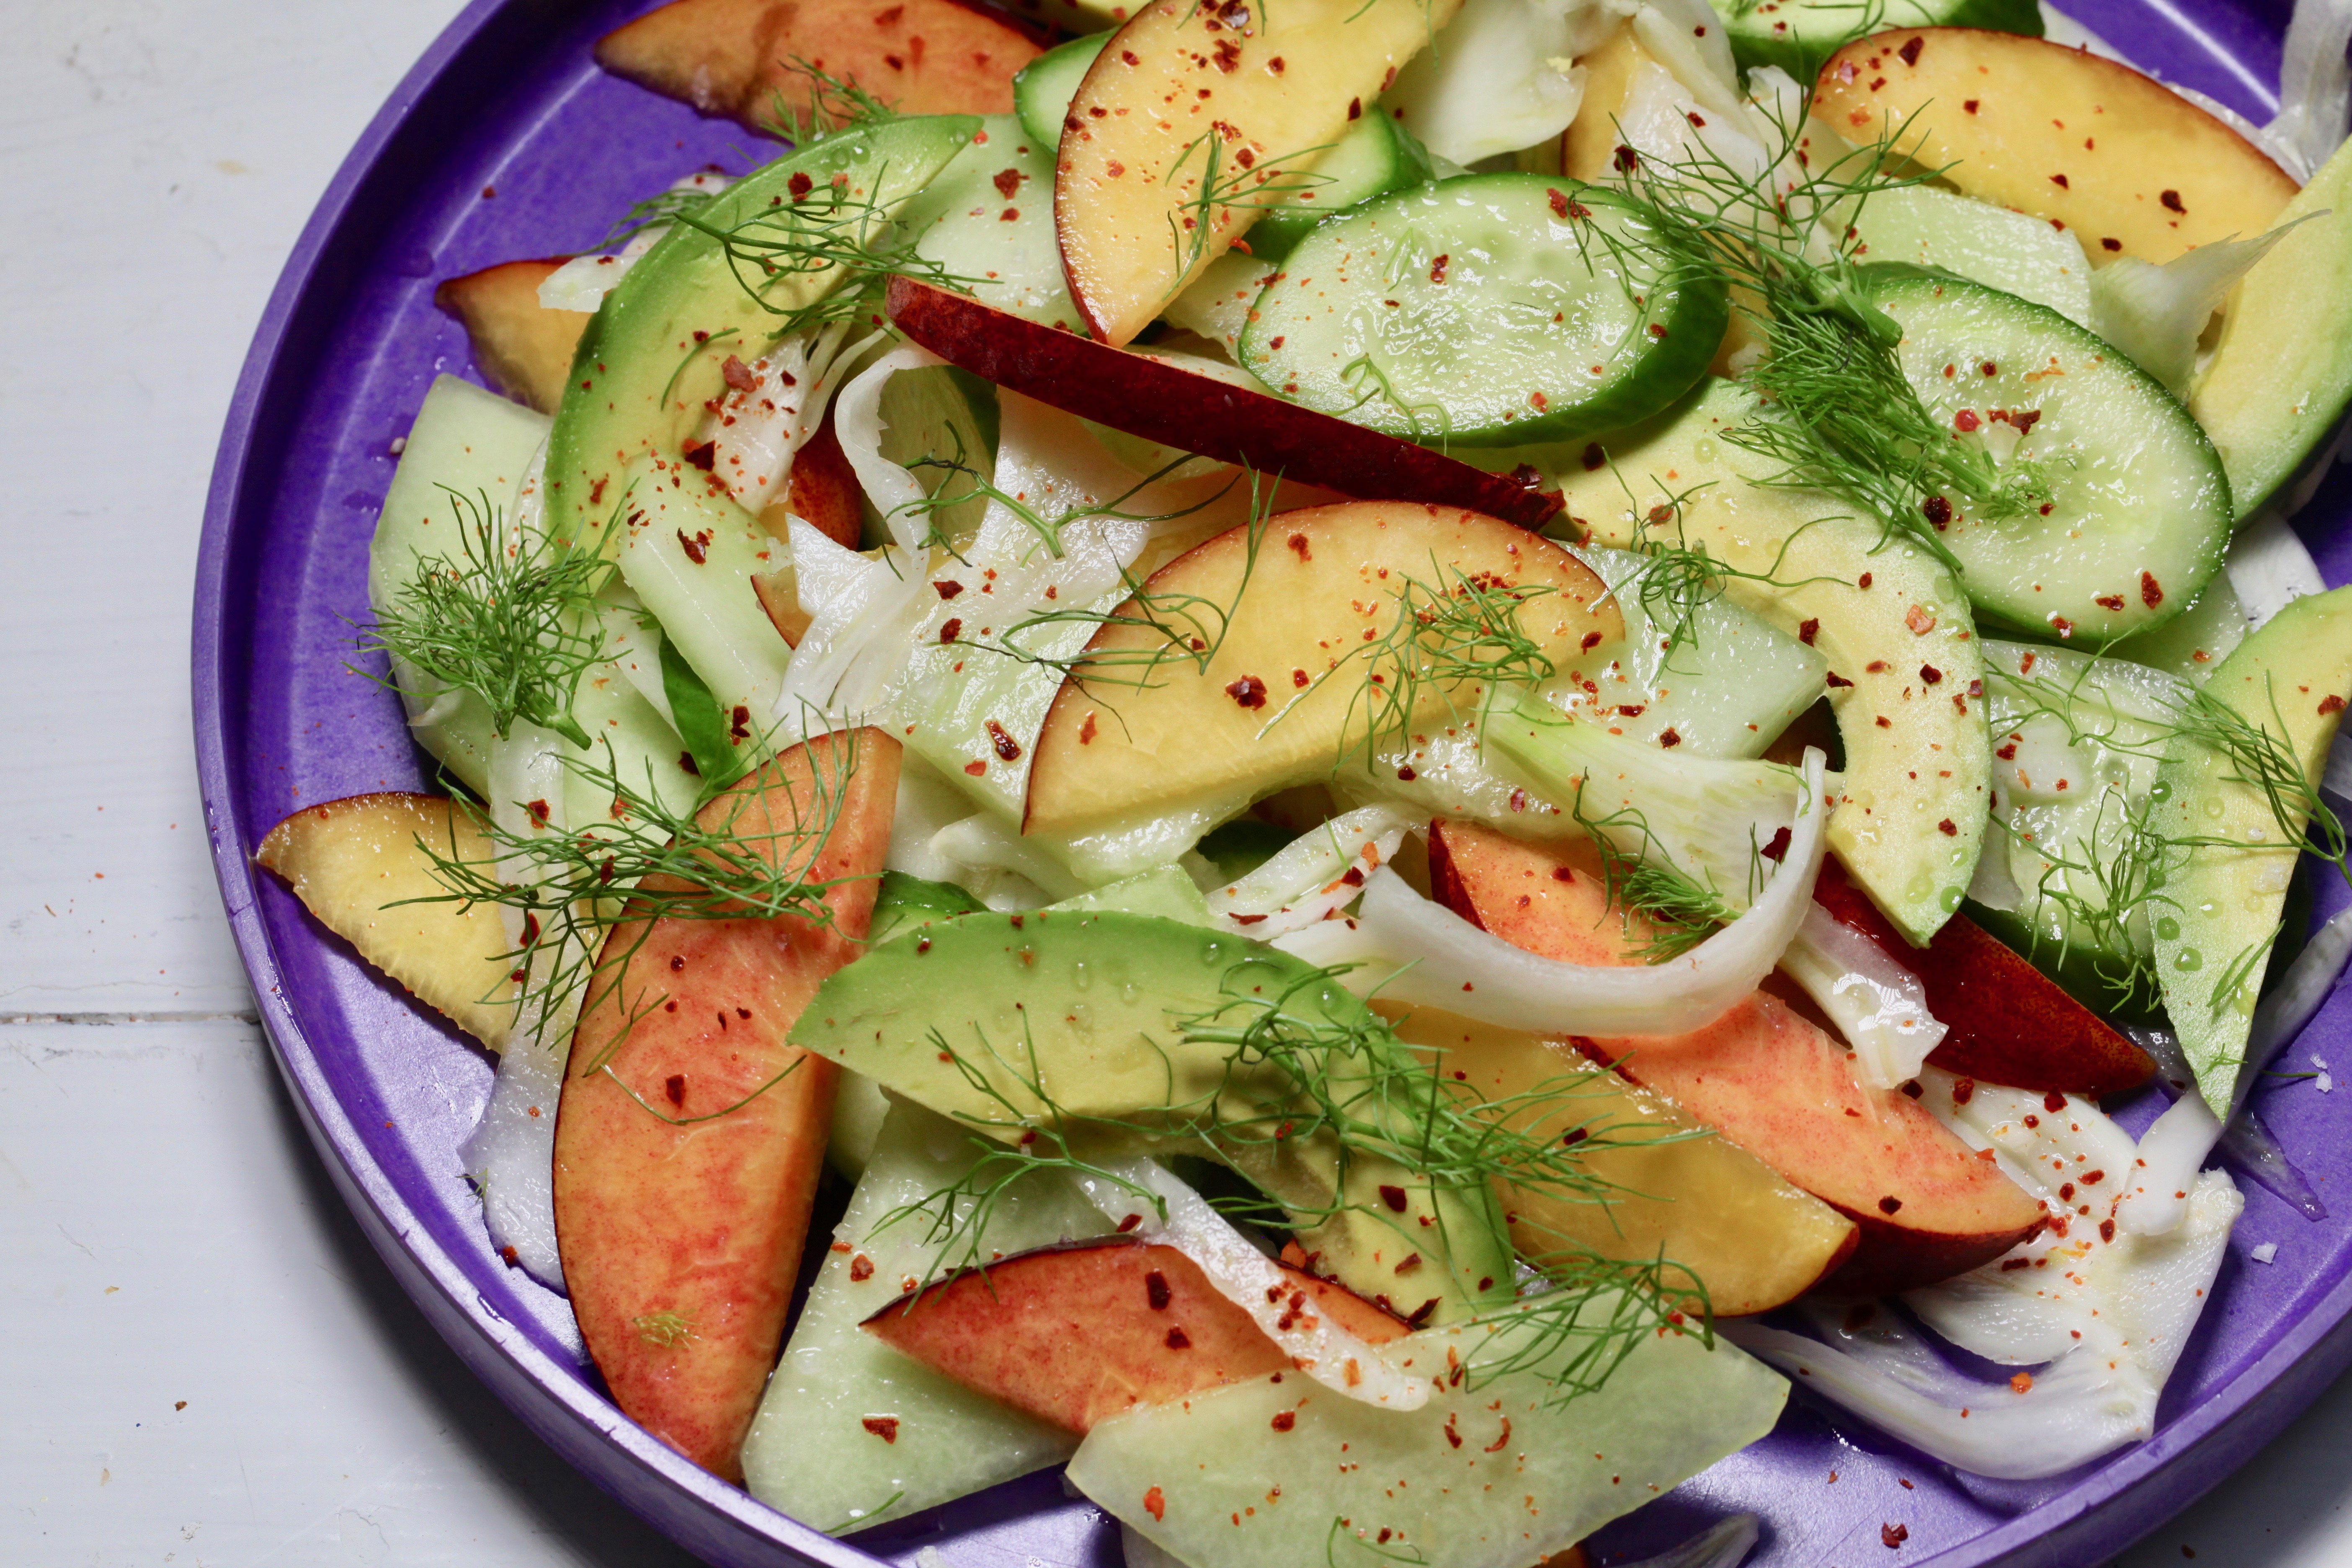 Insalata estiva croccante: ricetta con pesche, melone e avocado - VICE